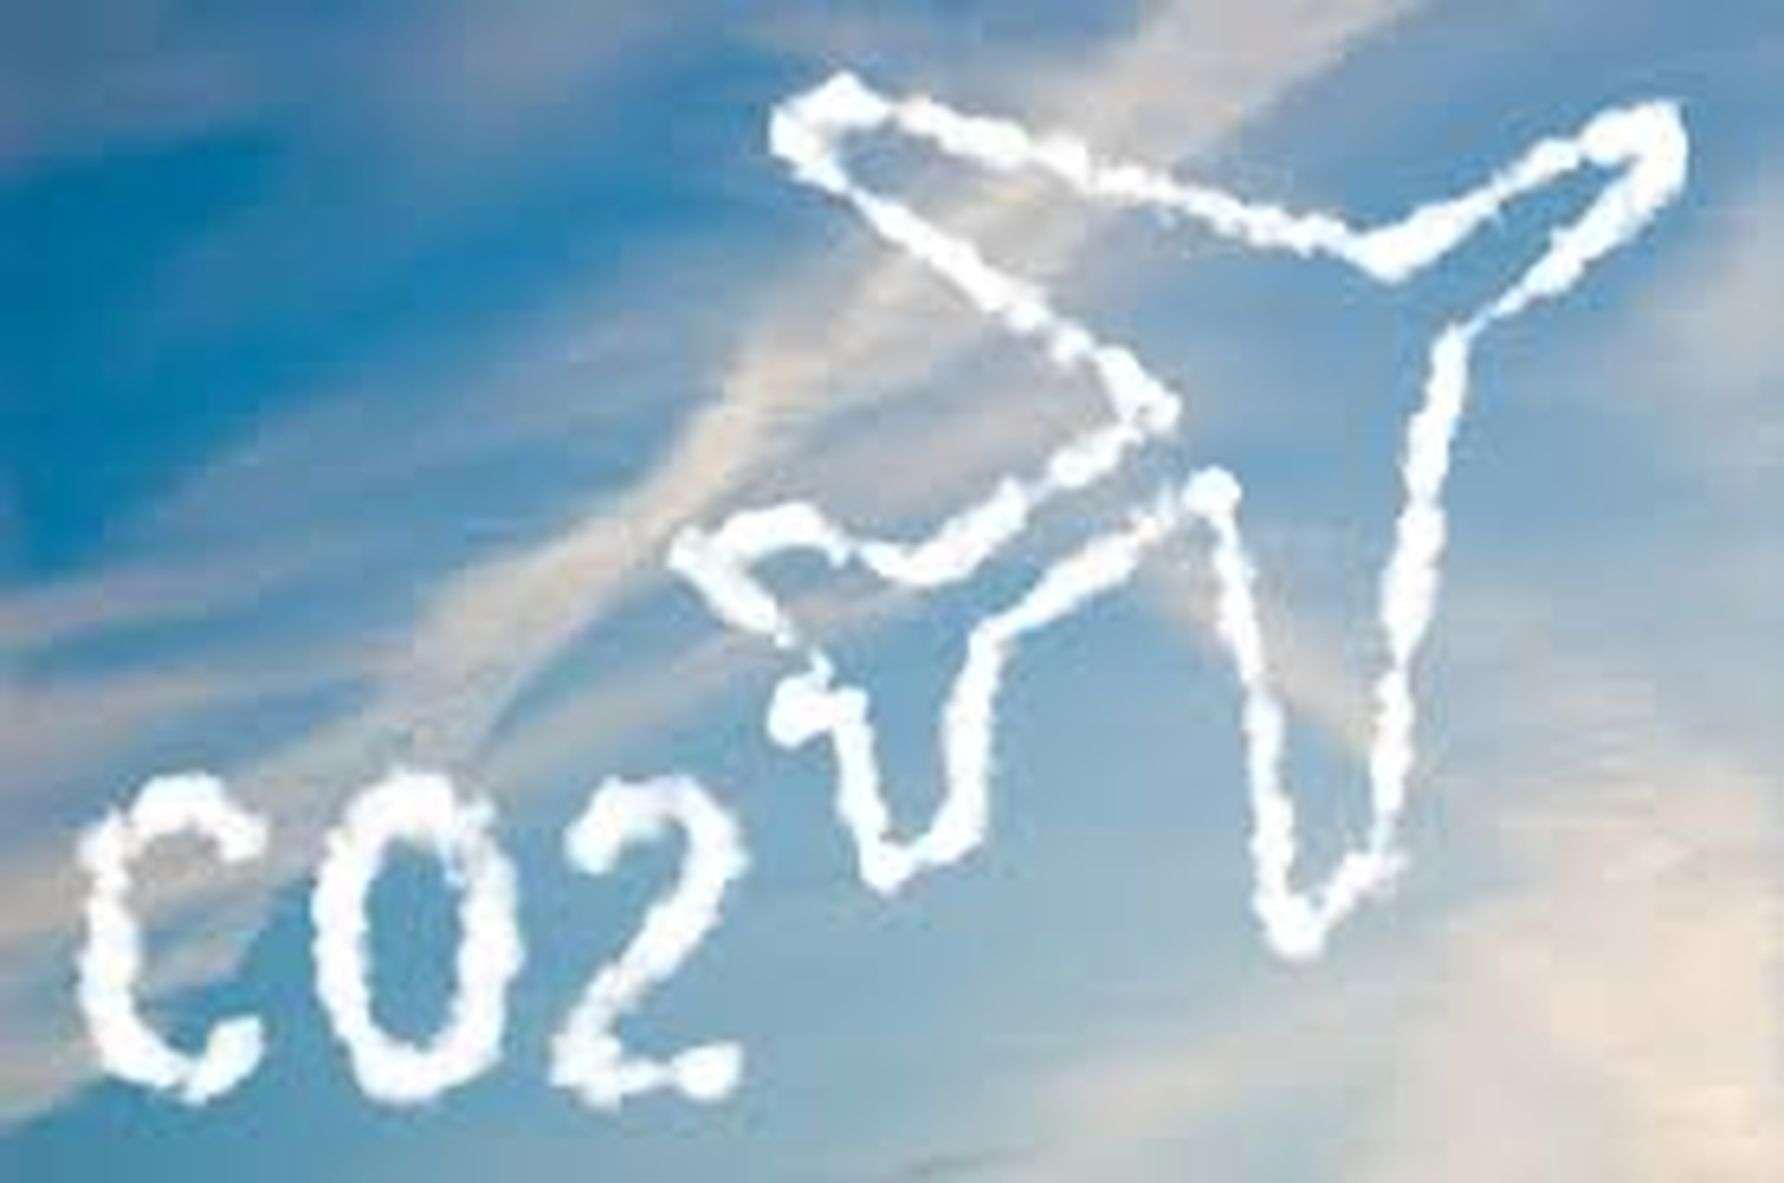 नासा 2035 तक 'इलेक्ट्रिक प्लेन' से उड़ान भरने की कर रहा तैयारी